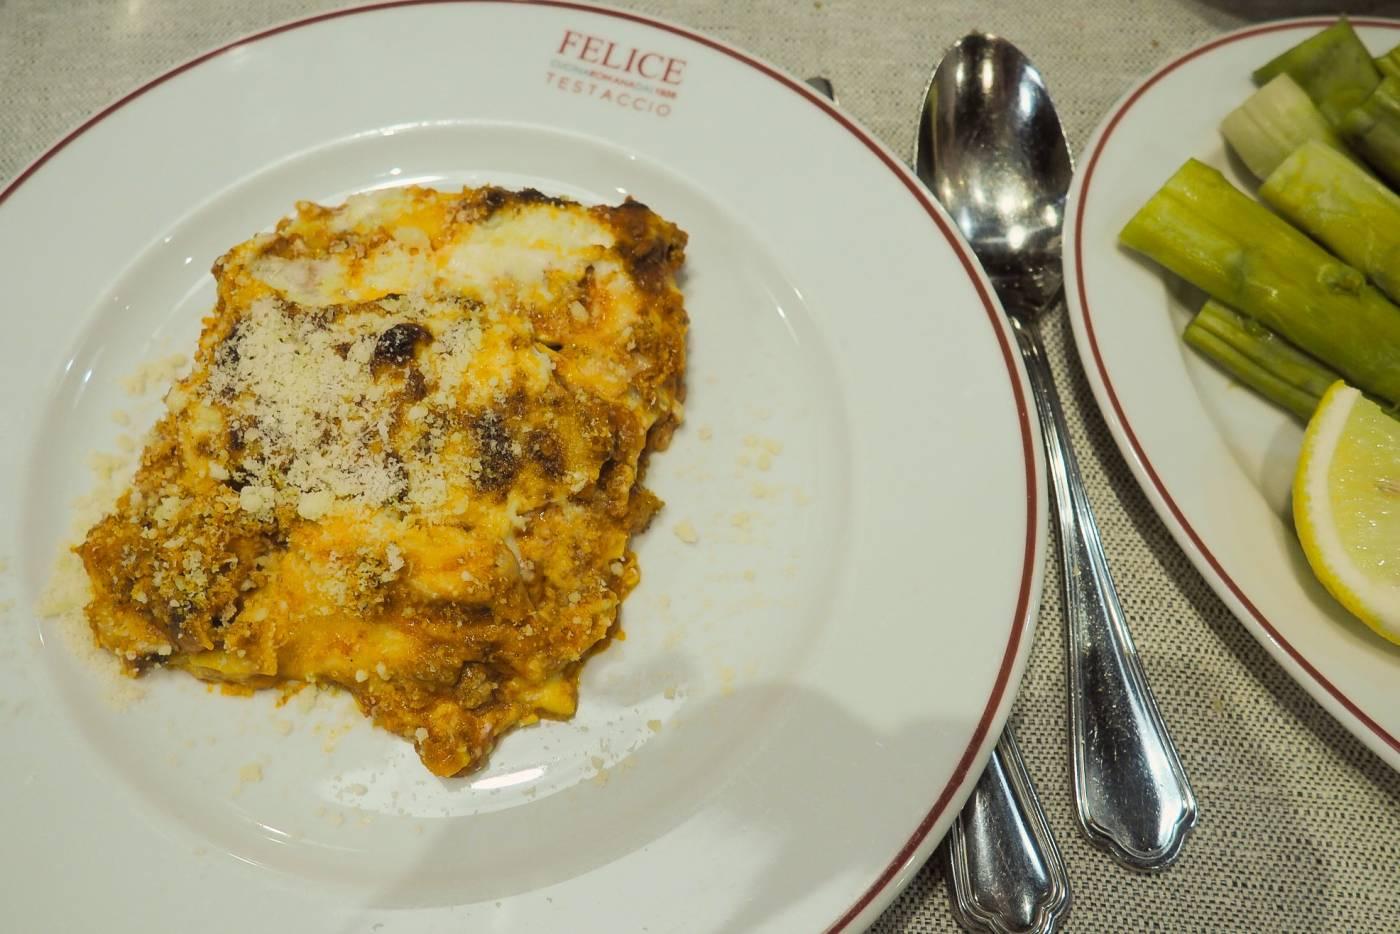 Rome_City_guide_Felice_a_Testaccio